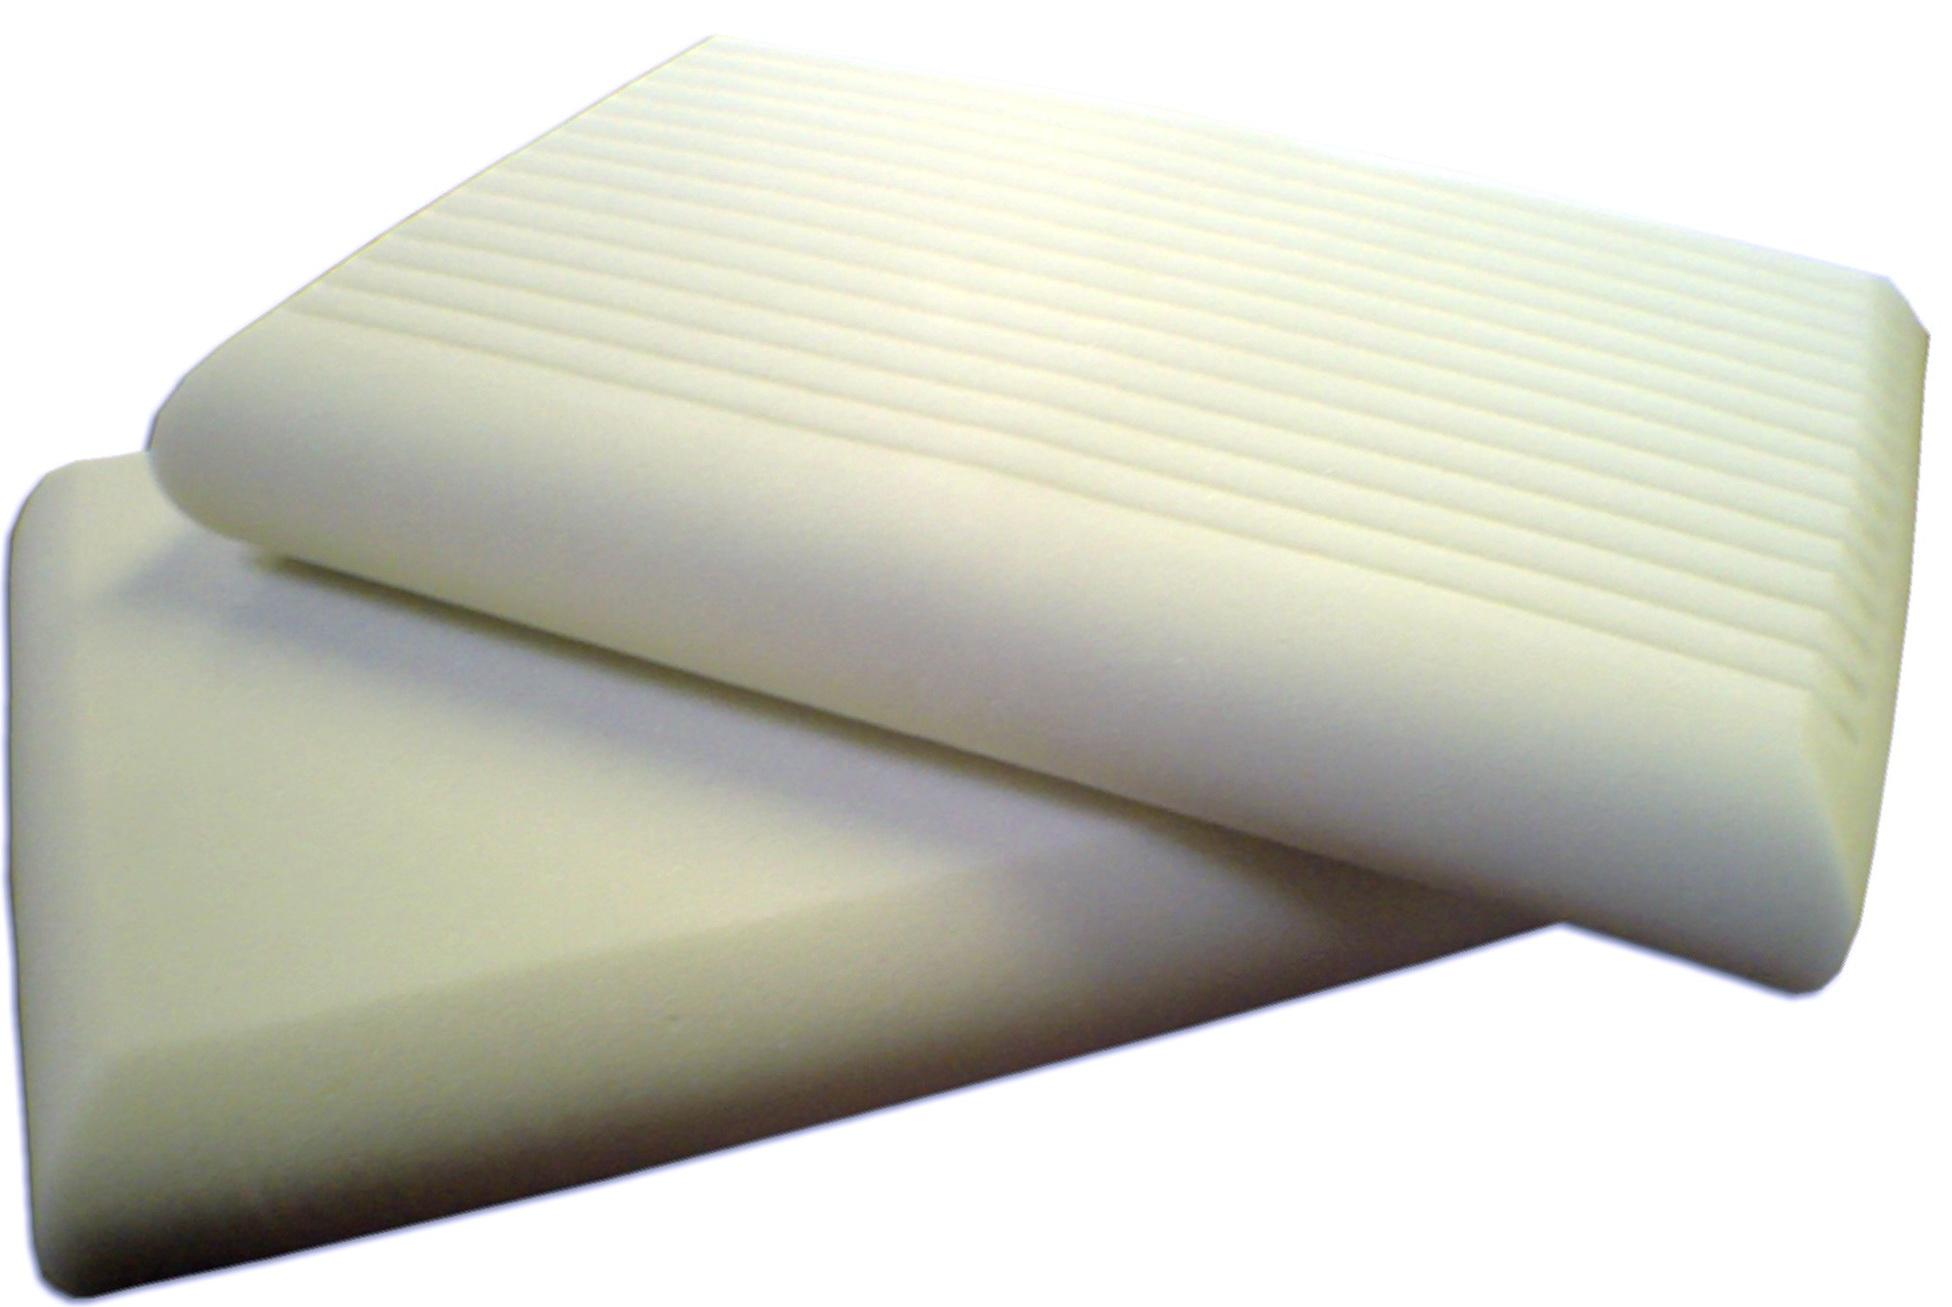 Memory Foam Cushions Cut To Size